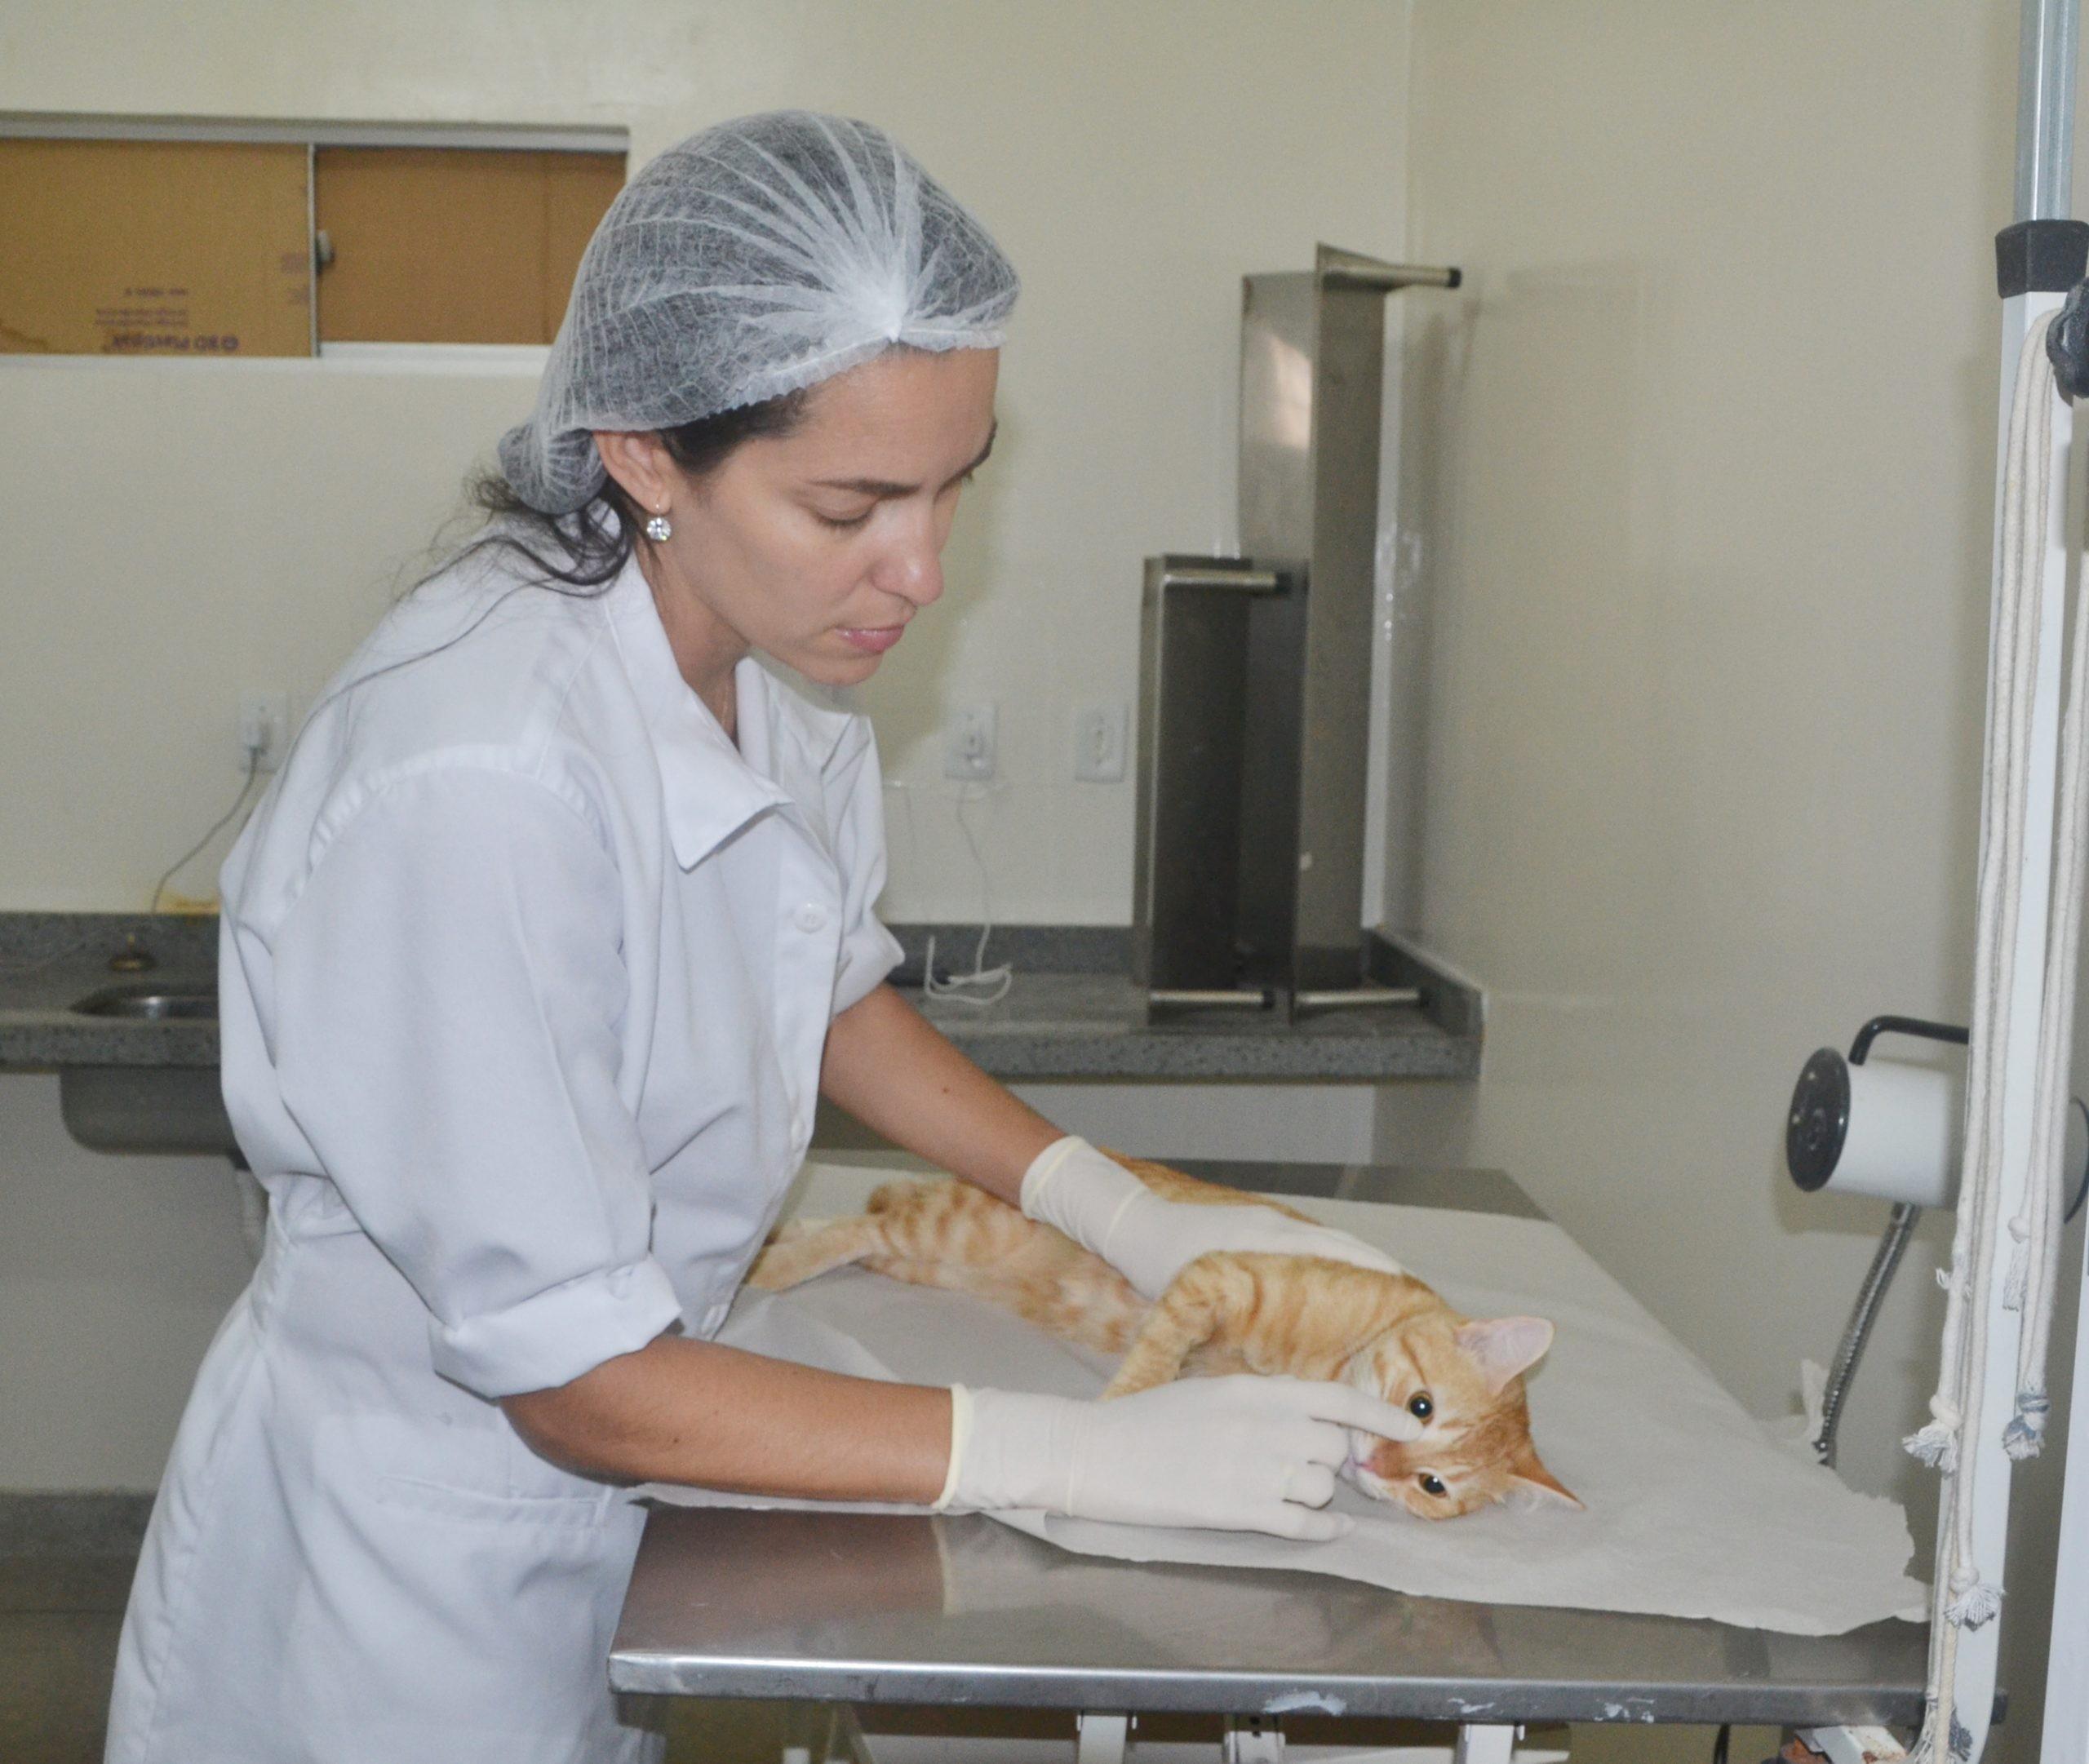 Agendamento para castração de cães e gatos acontece nesta sexta-feira, em João Pessoa